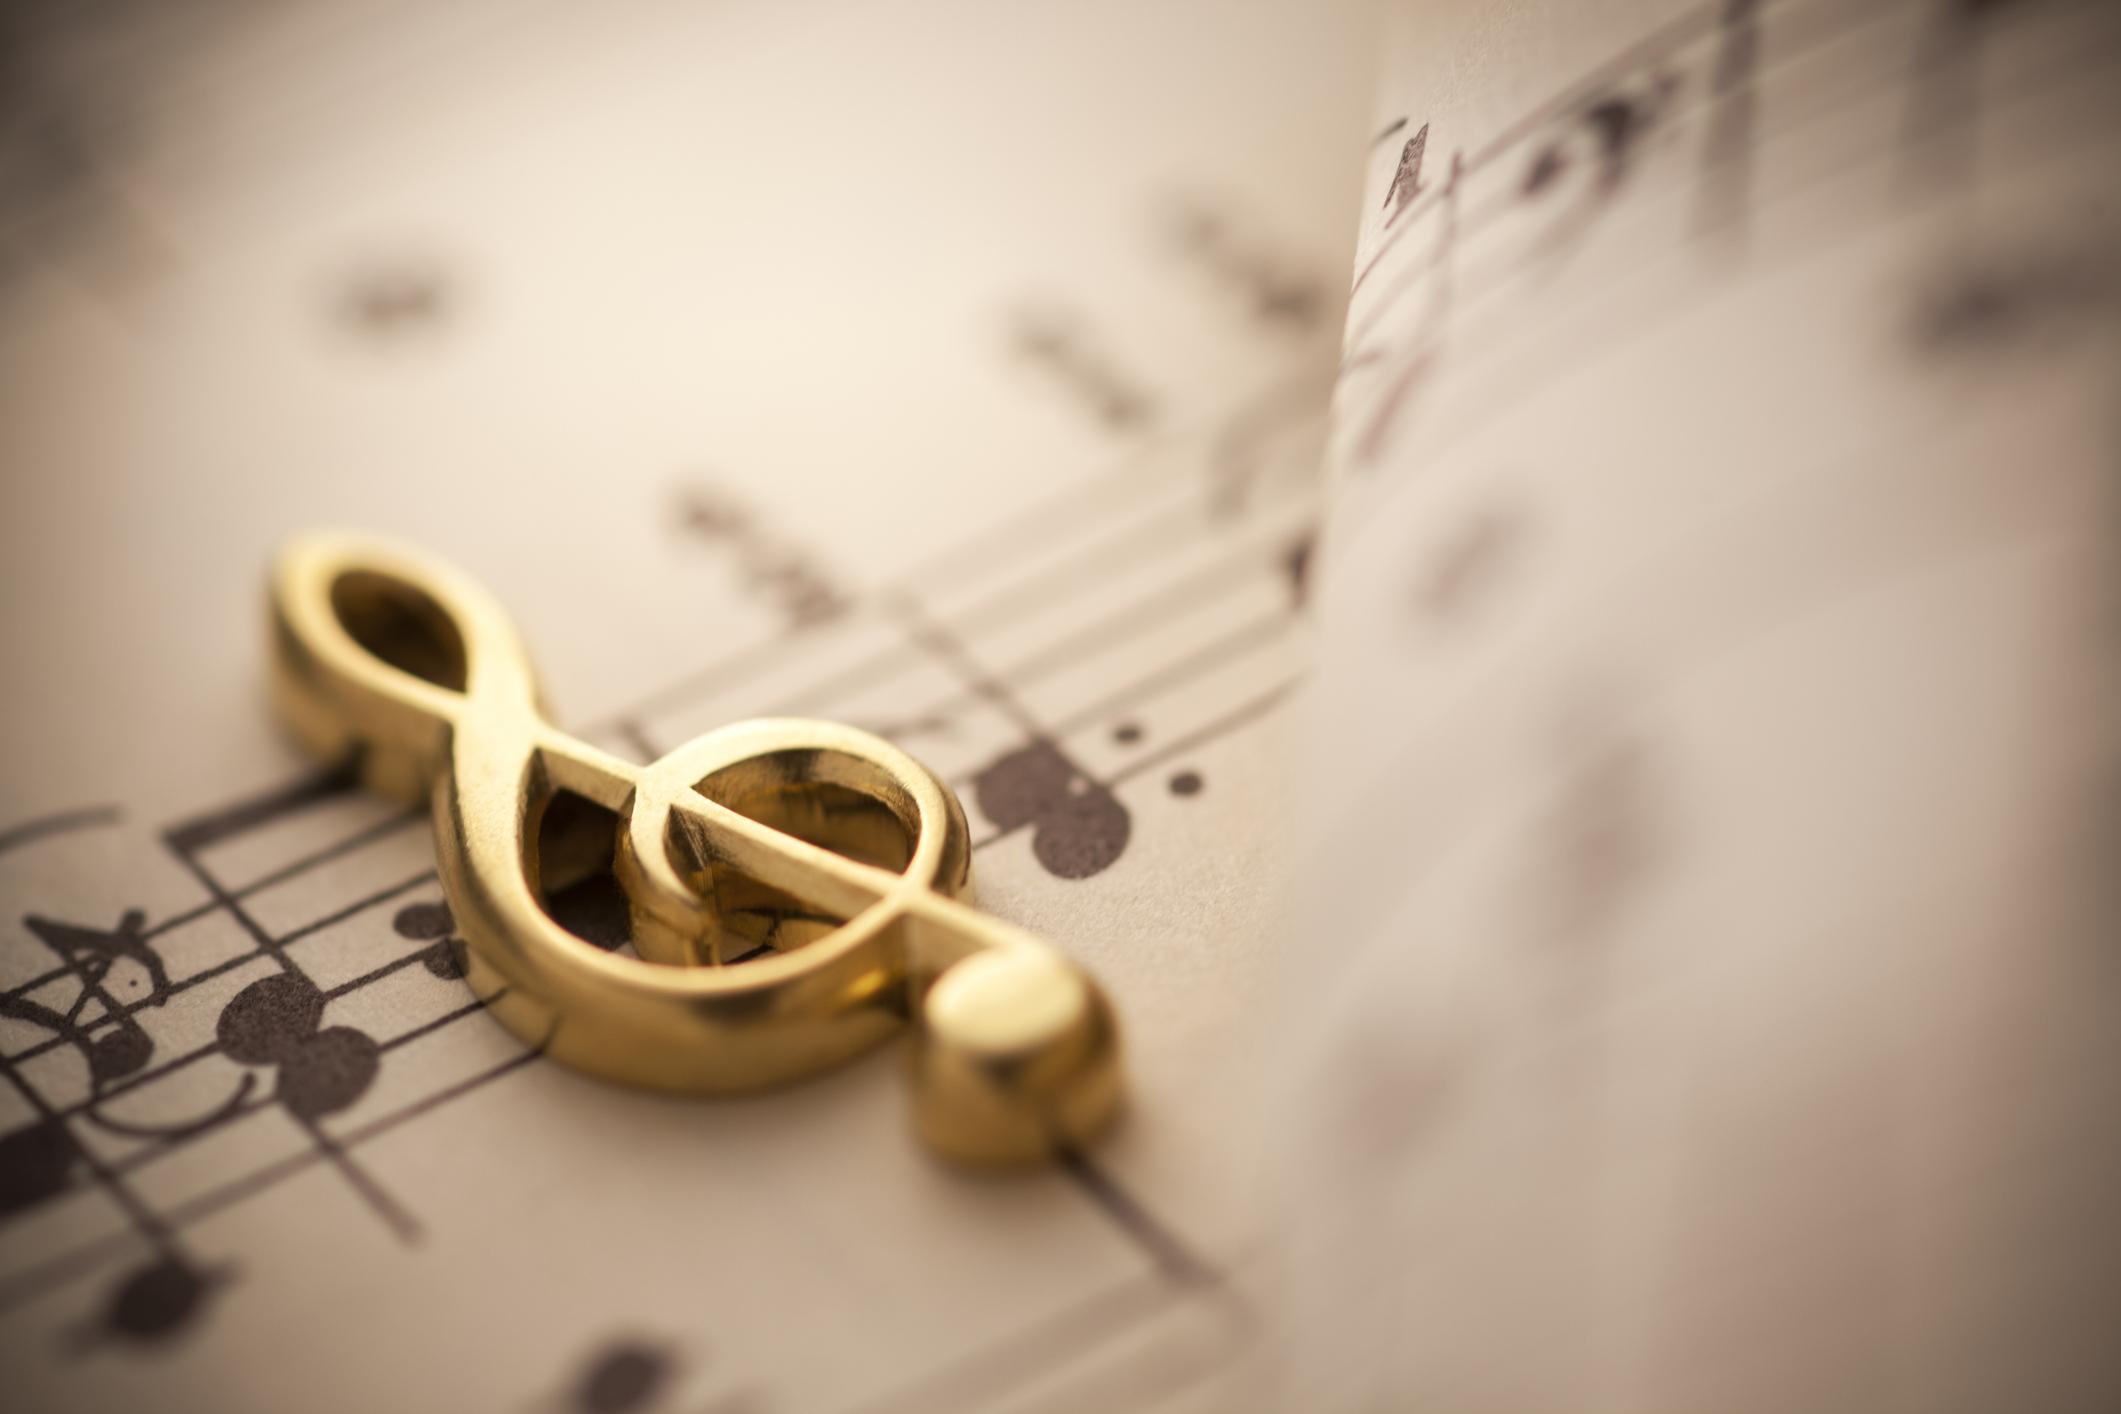 Y a-t-il des chansons à éviter pour les obsèques - Odella.fr